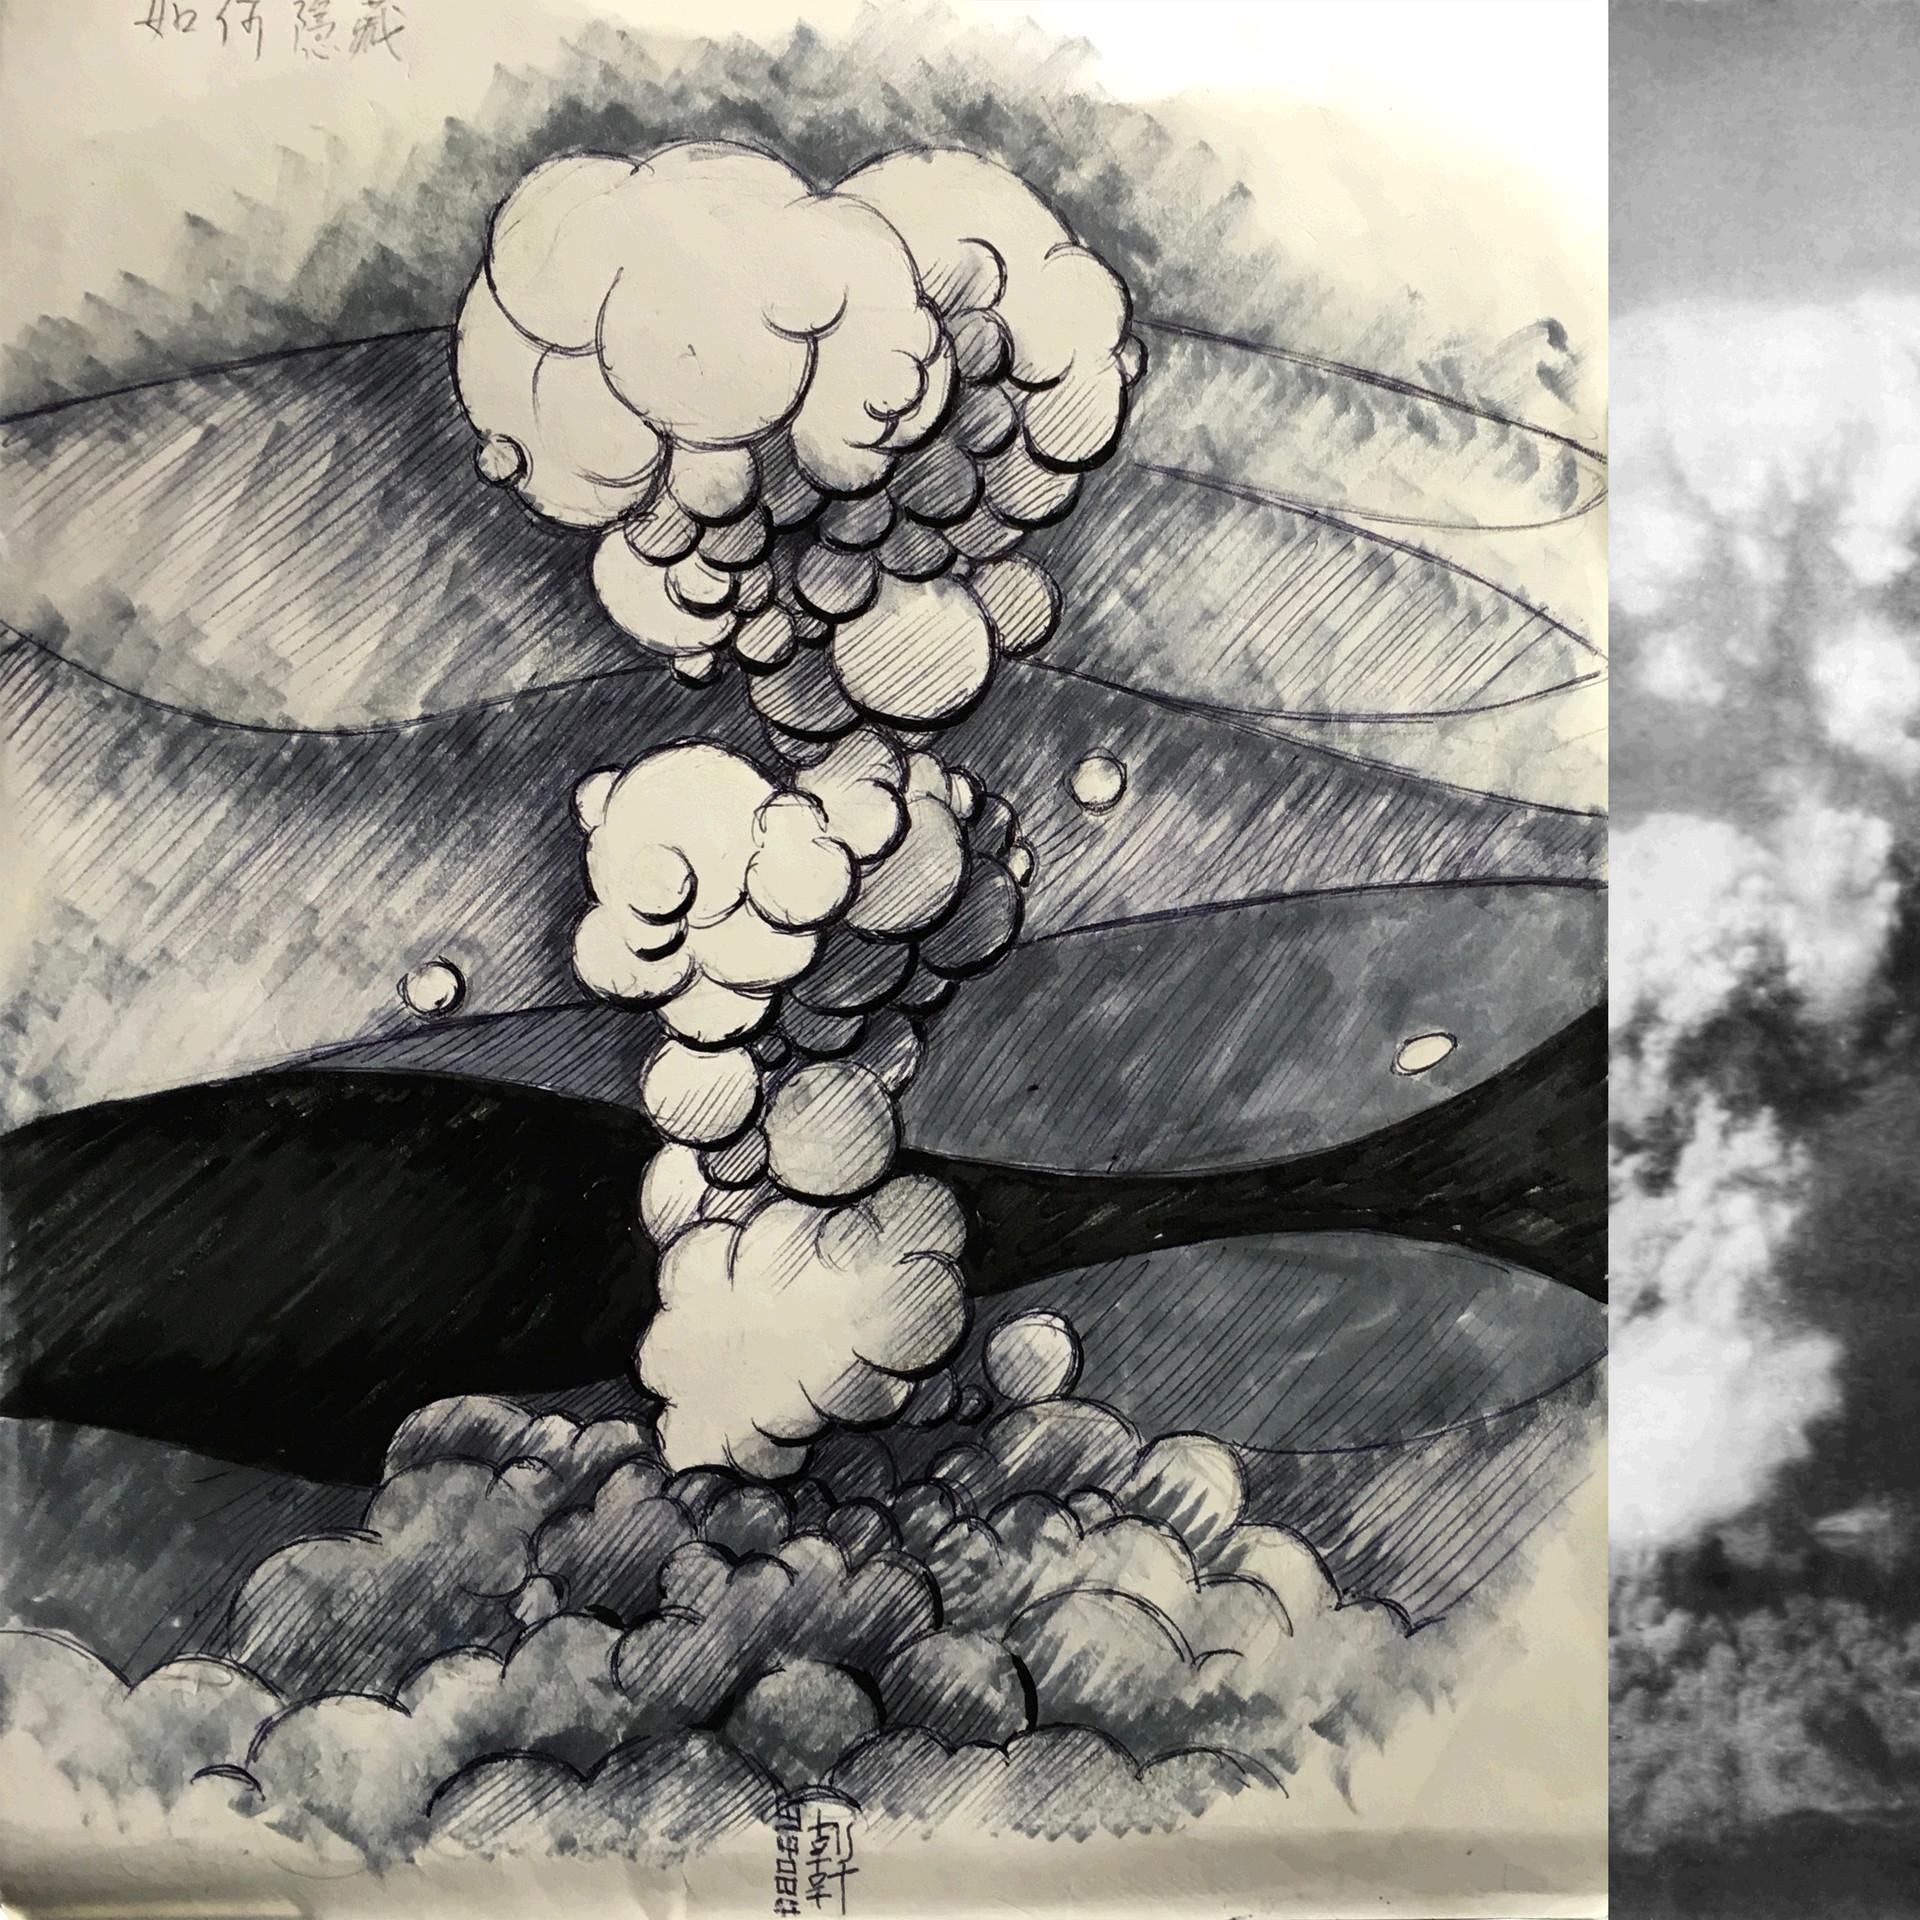 E lynx lin hiroshimabomb